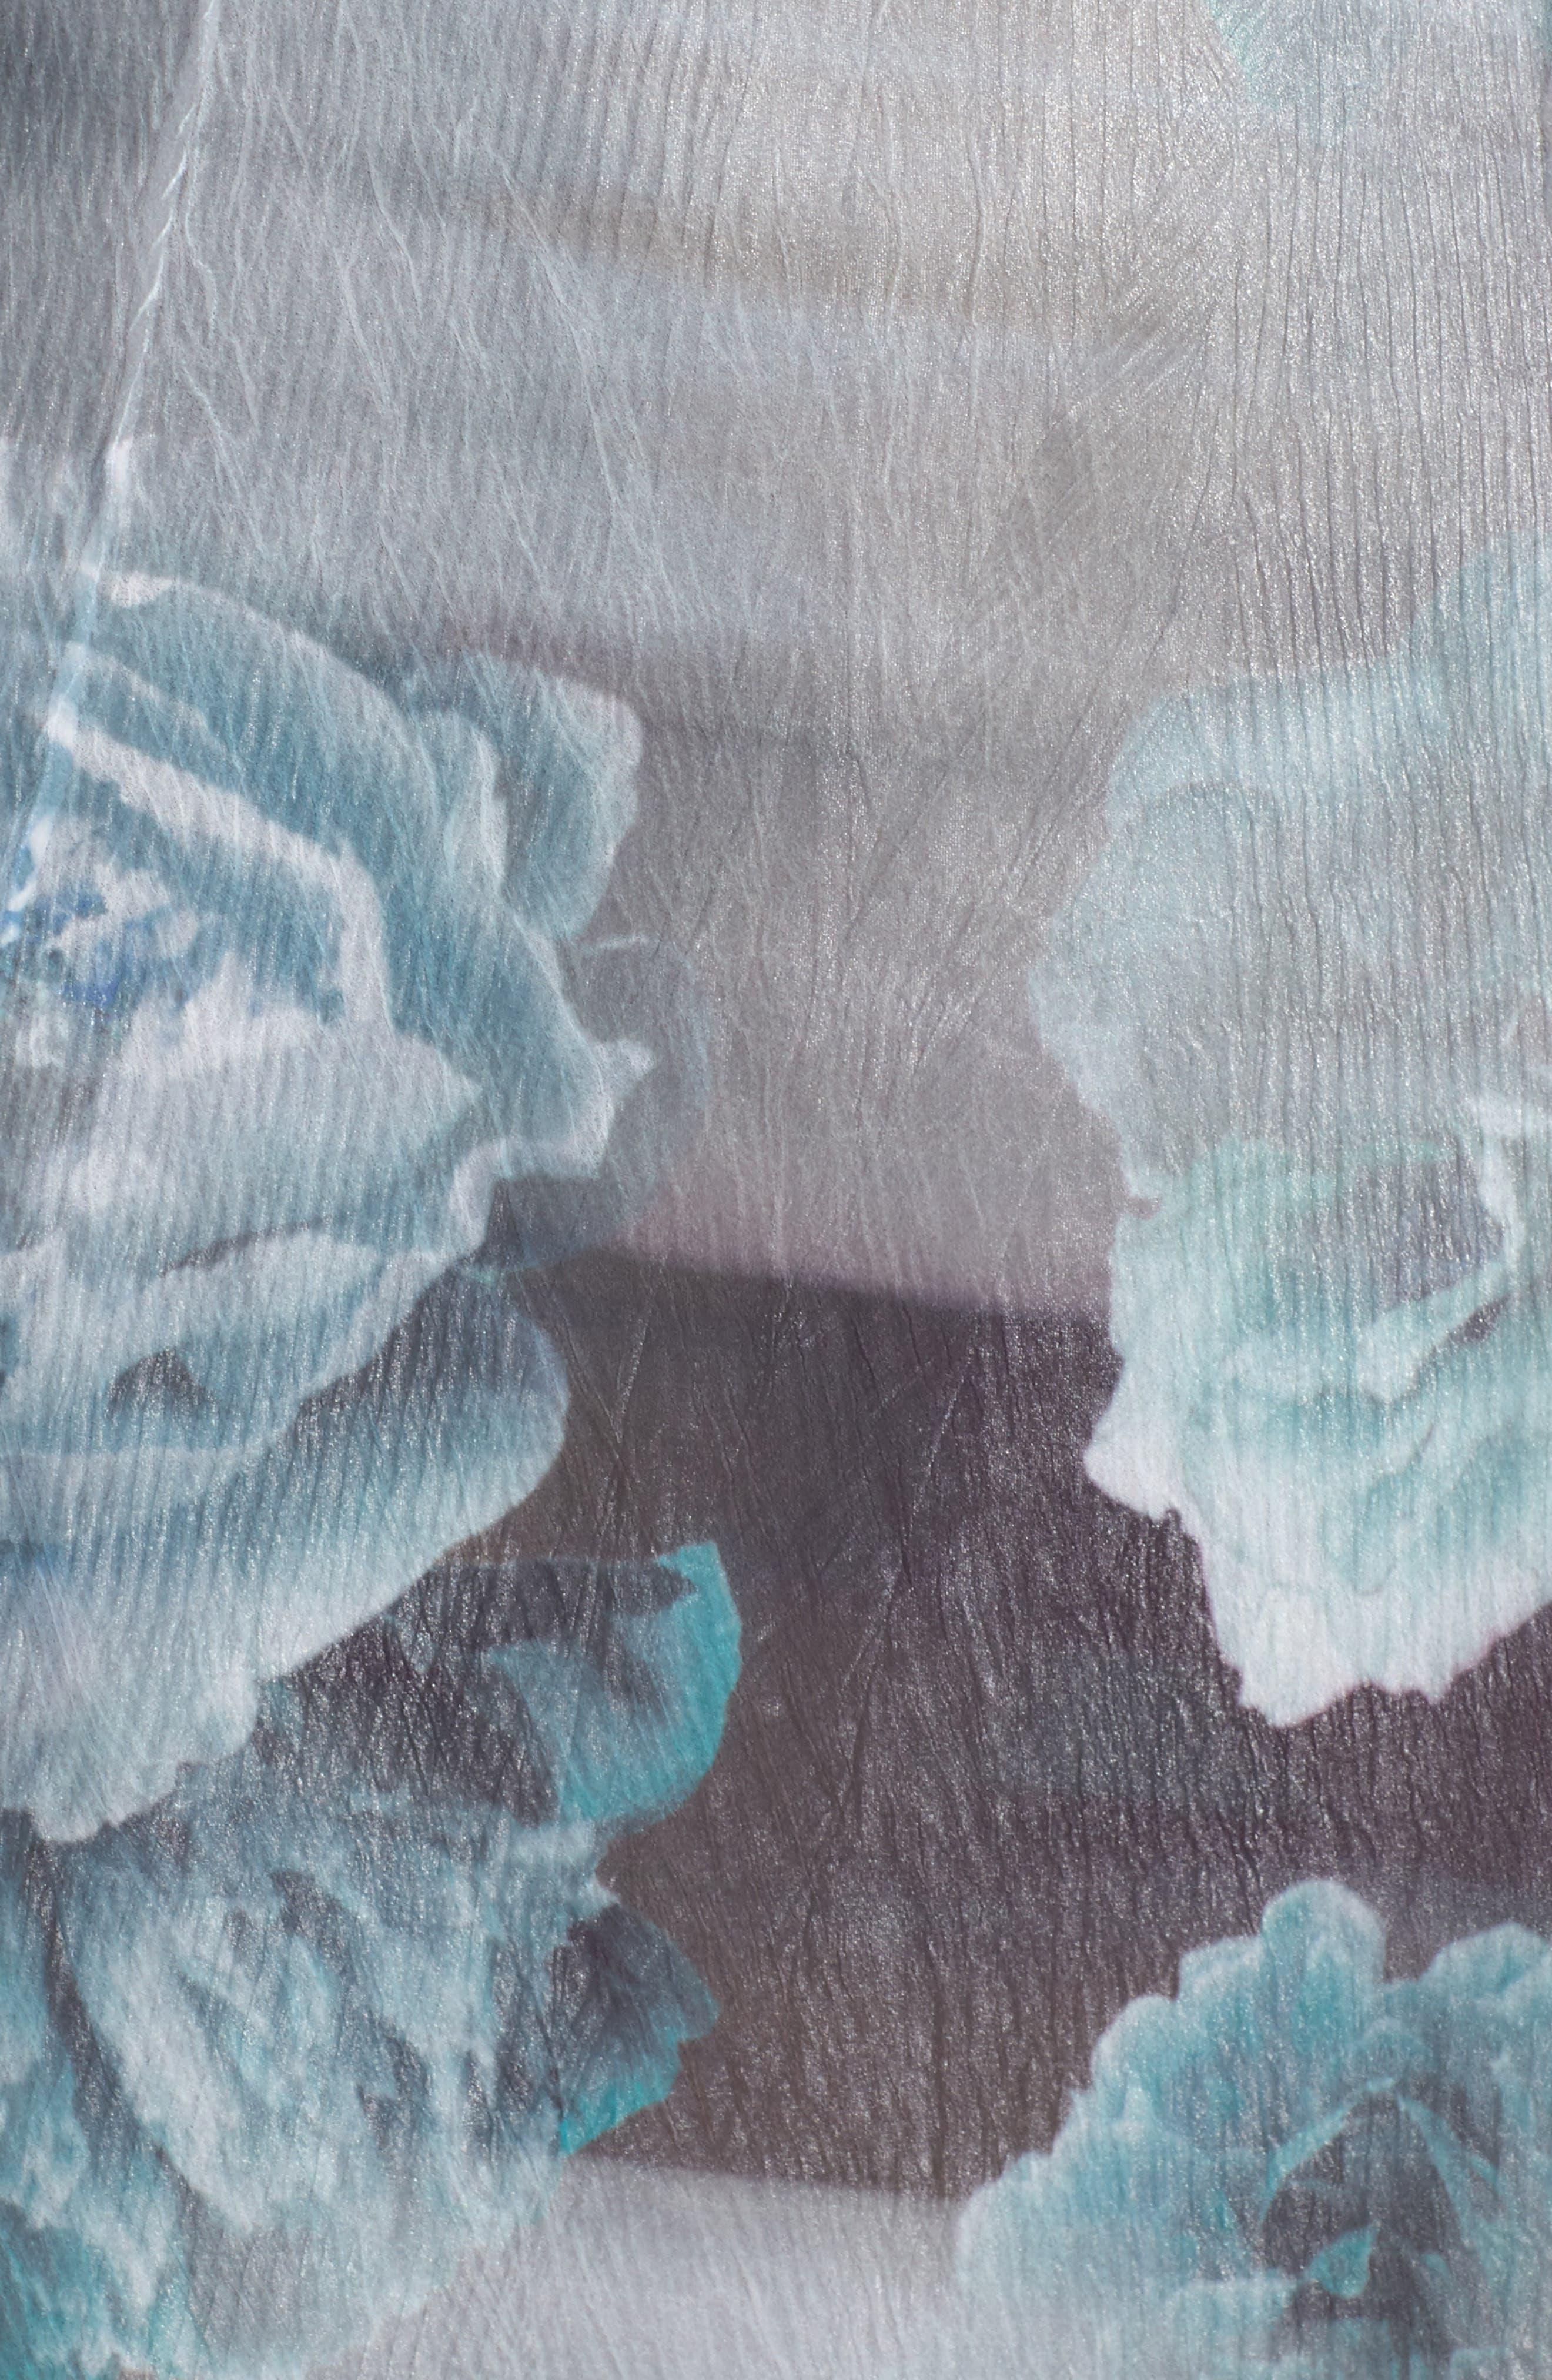 Floral A-Line Chiffon Dress,                             Alternate thumbnail 5, color,